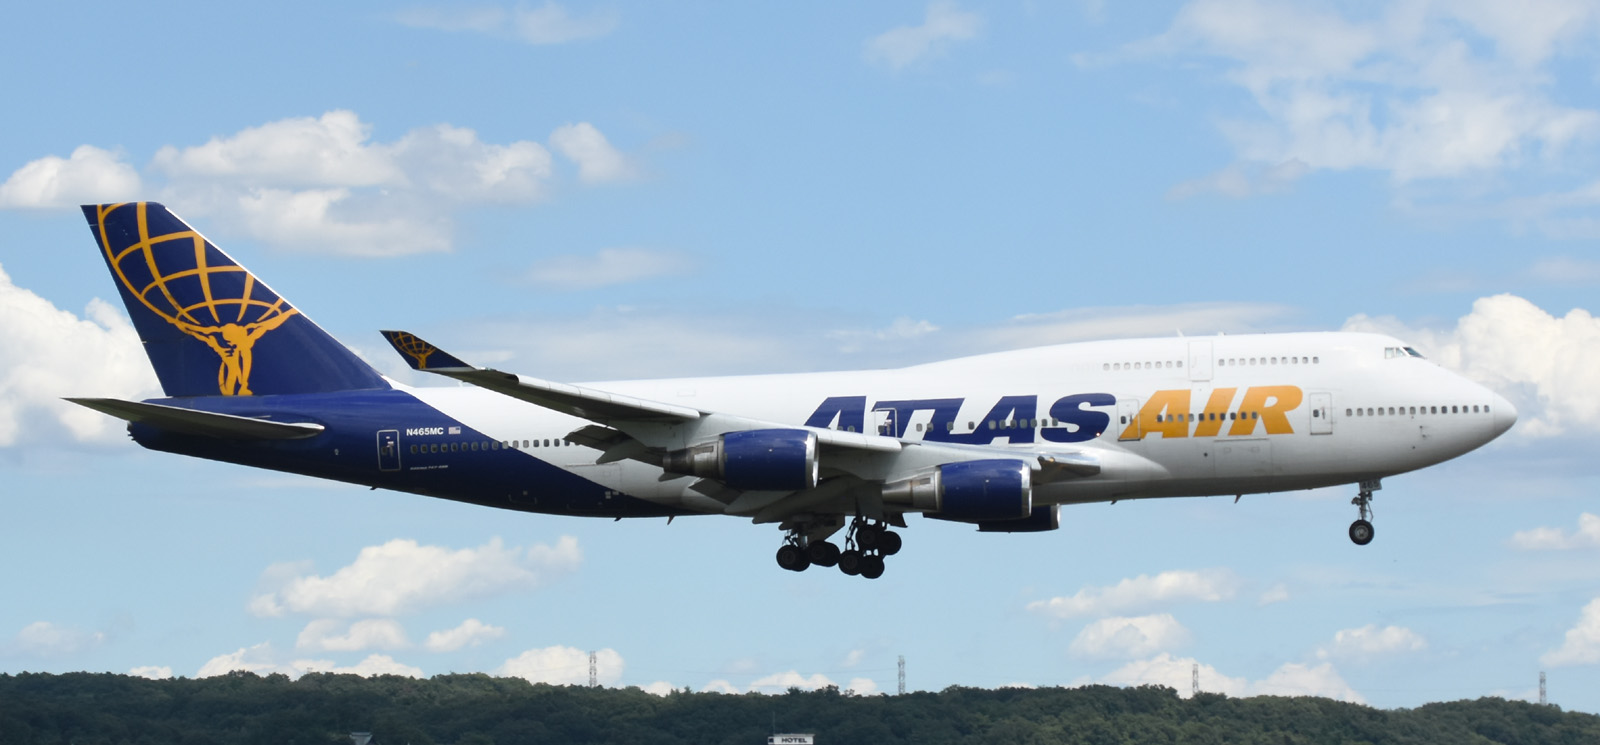 Atlas170809g261